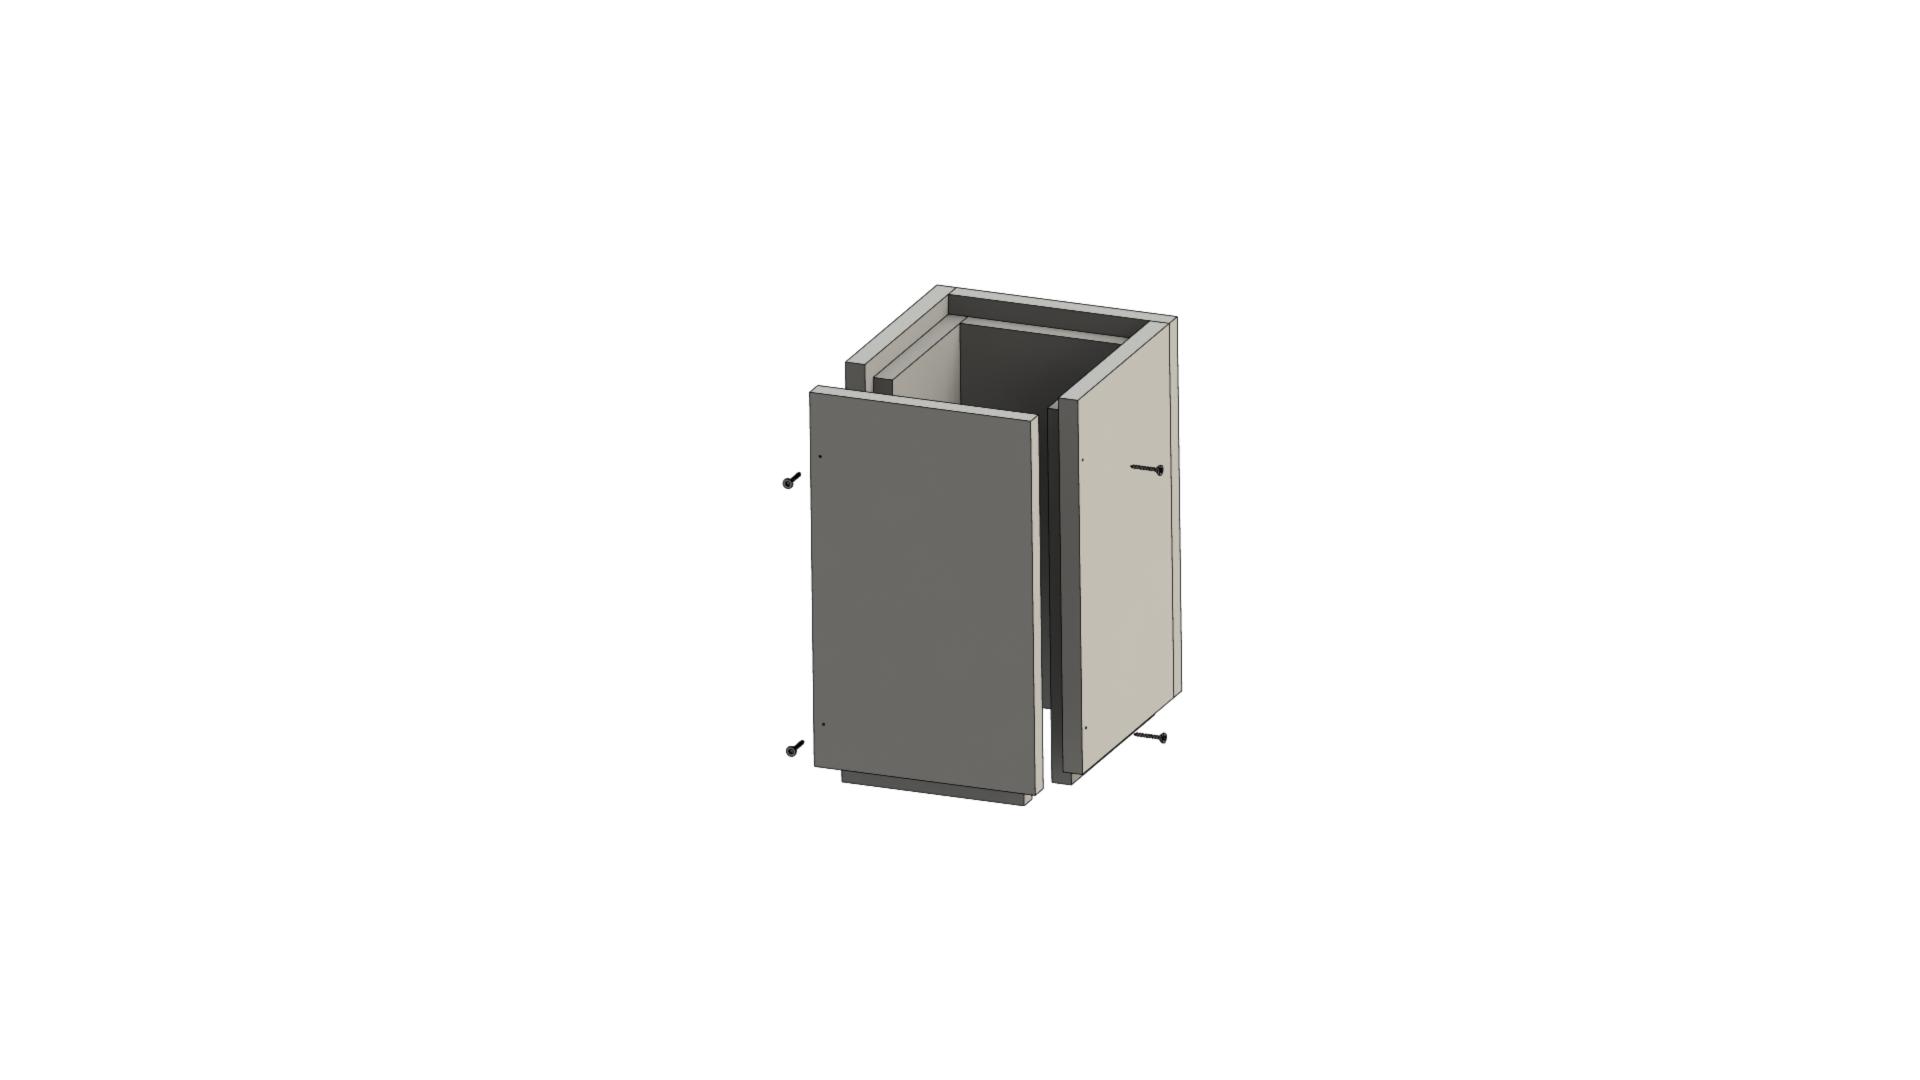 Leichtbauschornstein - Schachtelement 500 mm verschraubt - Jeremias F90